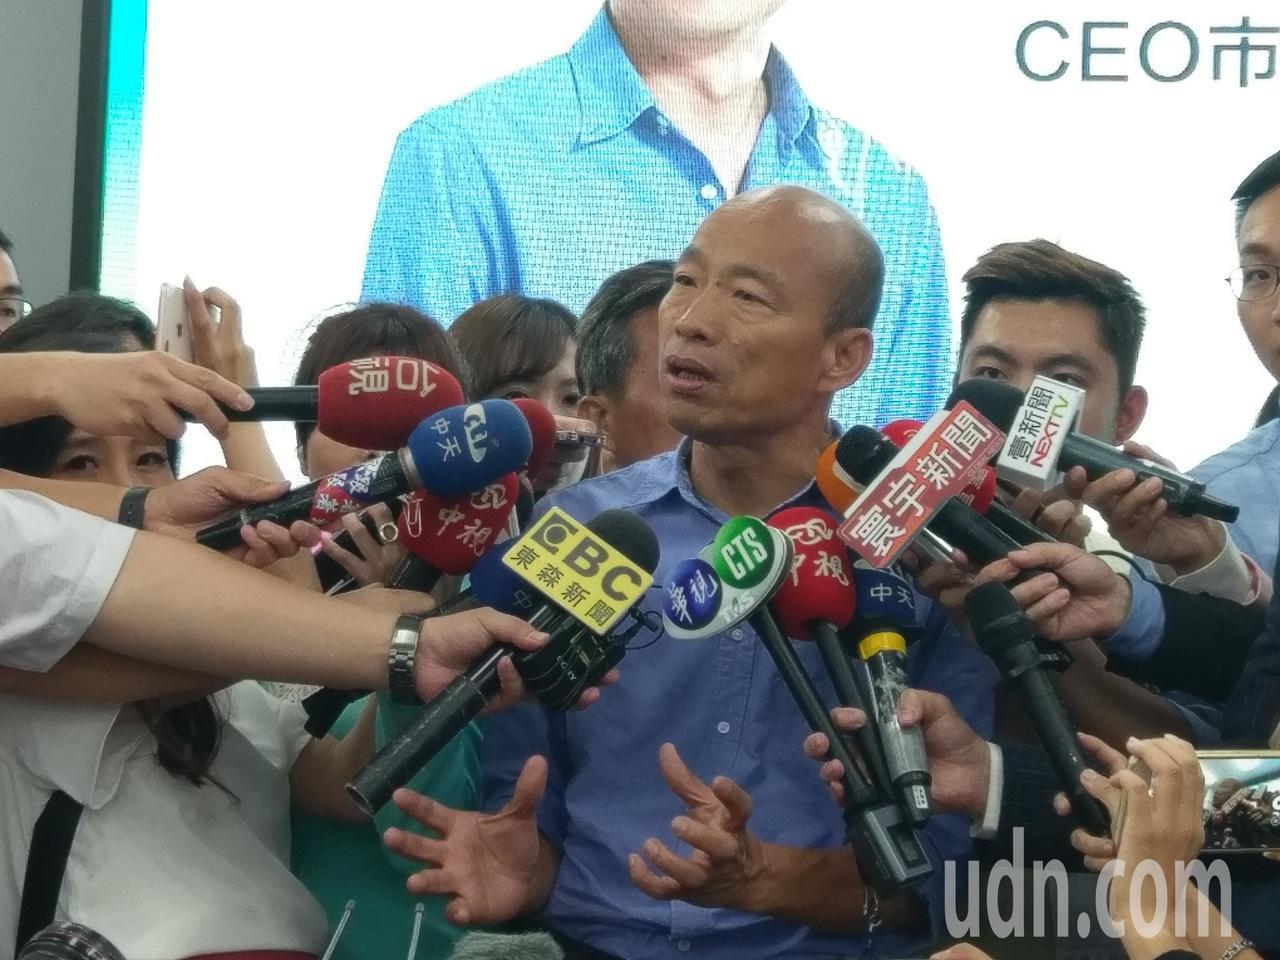 高雄市長當選人韓國瑜。記者劉宛琳/攝影